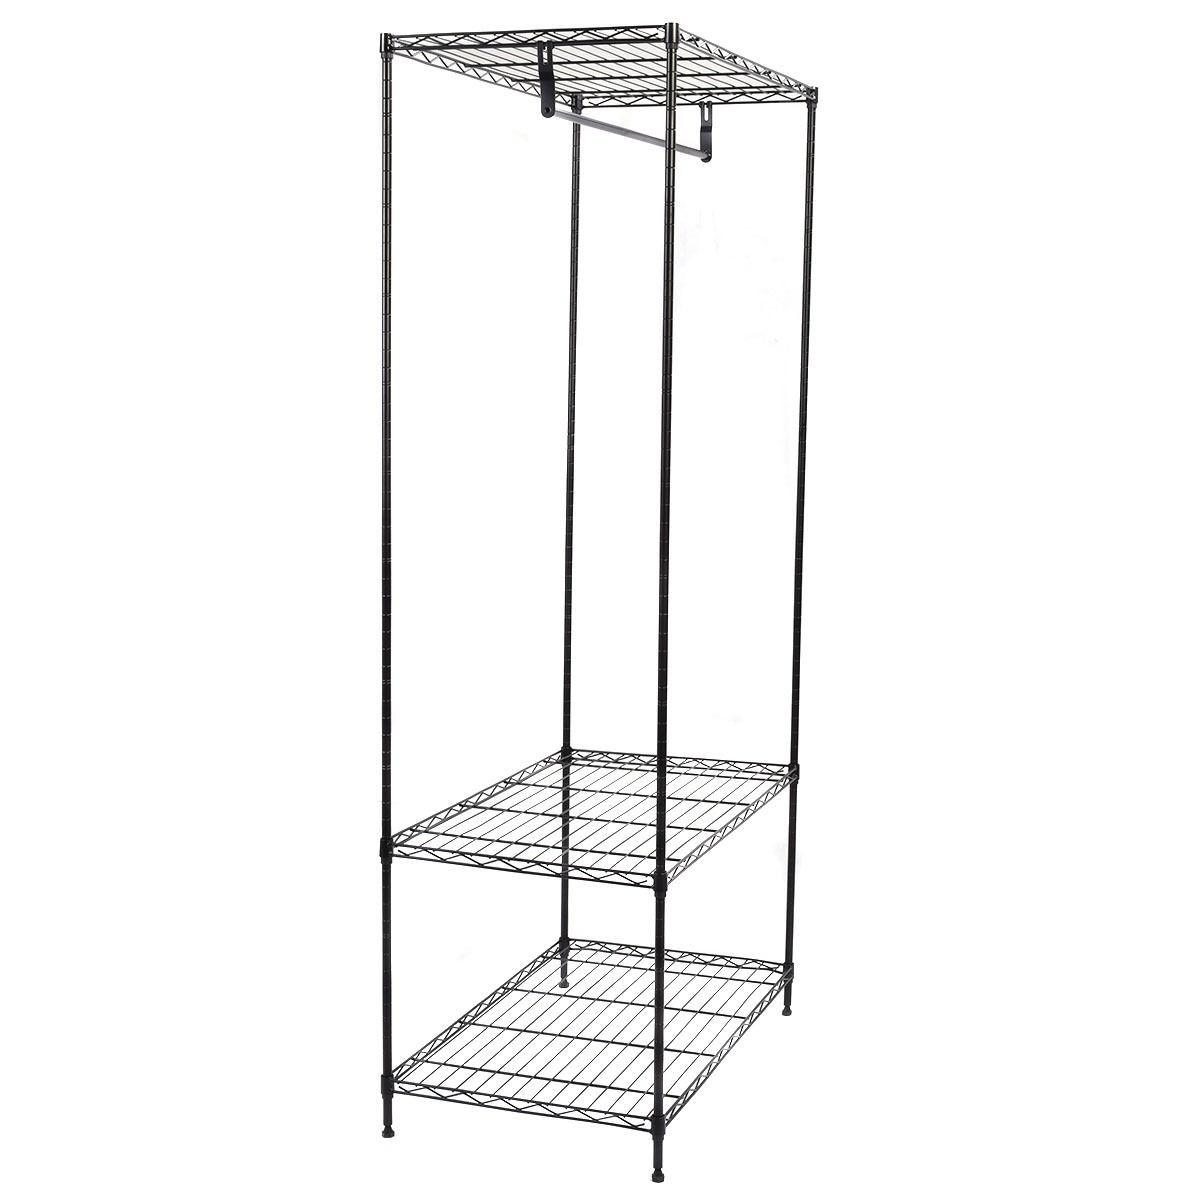 3 tier clothing garment rack hanger shelving wire shelf. Black Bedroom Furniture Sets. Home Design Ideas